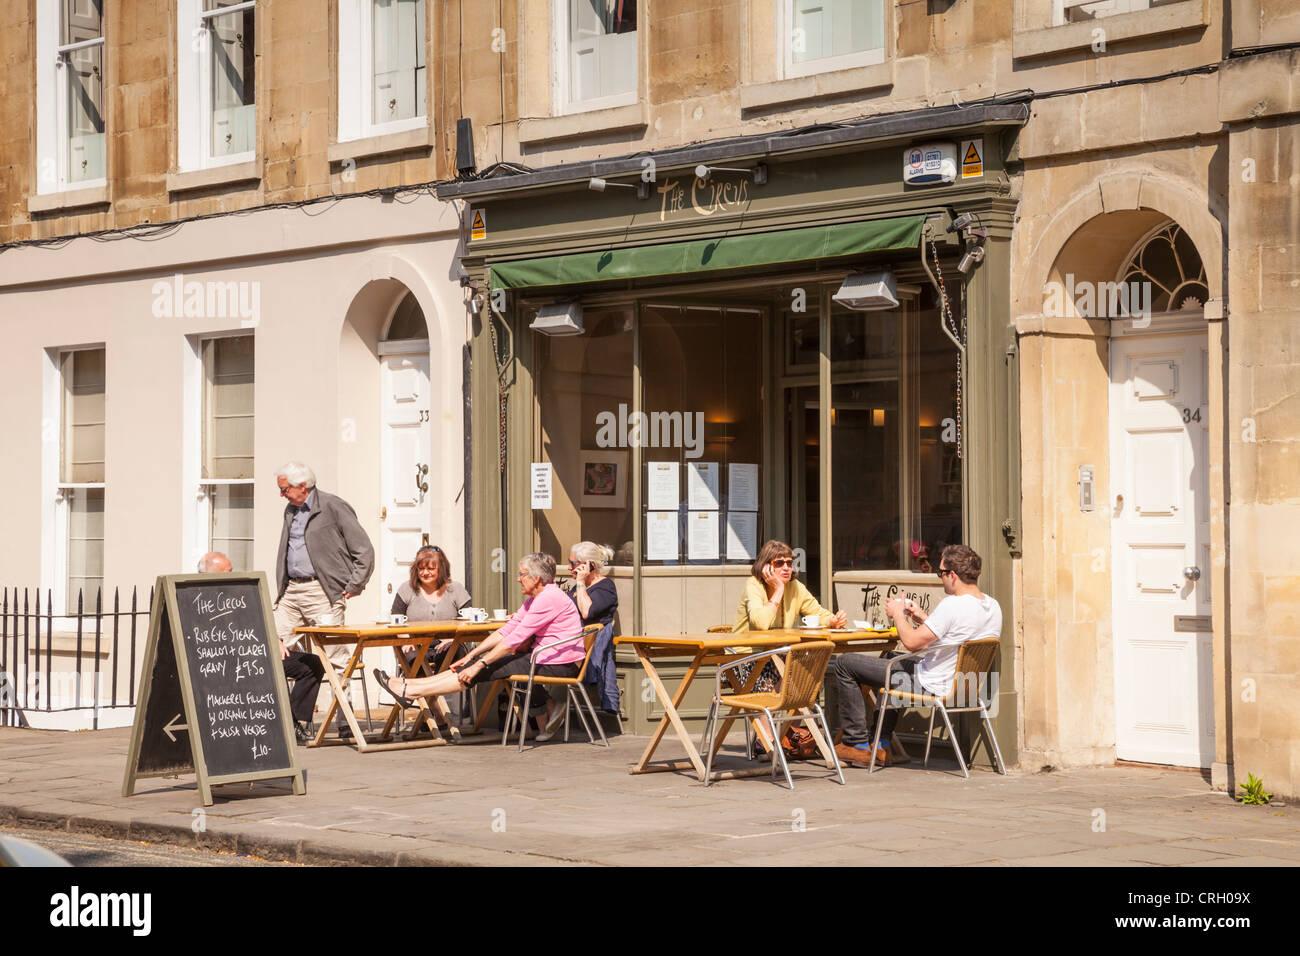 La terrasse d'un café près de la baignoire, cirque, avec des gens assis à l'extérieur Photo Stock